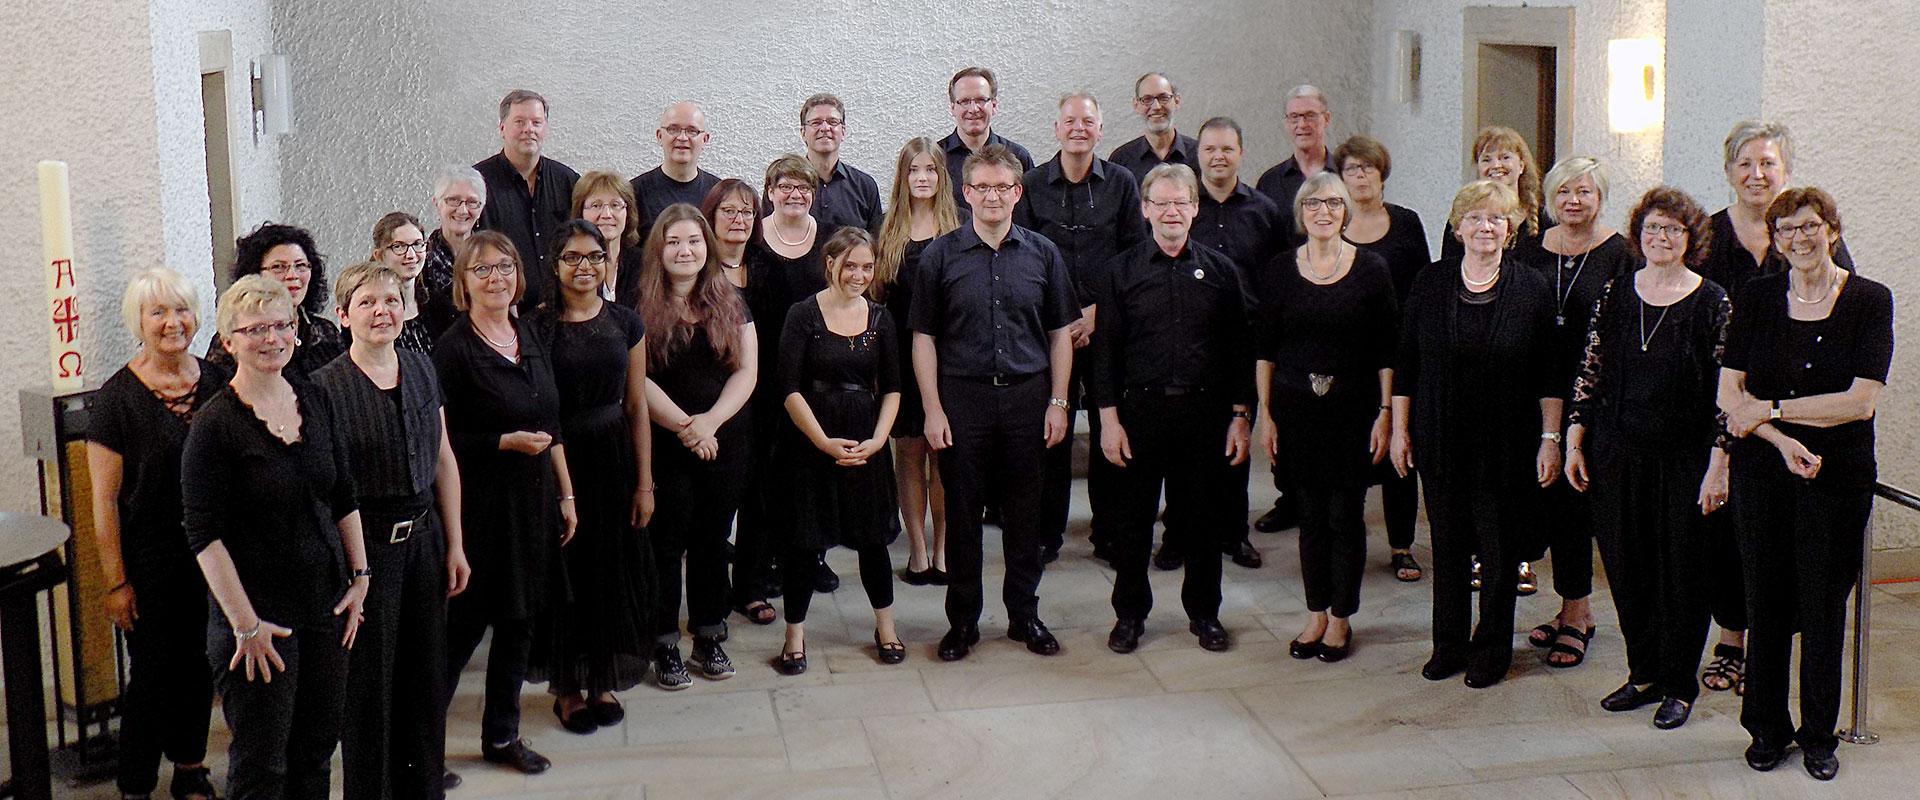 Miteinander - Der ökumenische Chor aus Tecklenburg